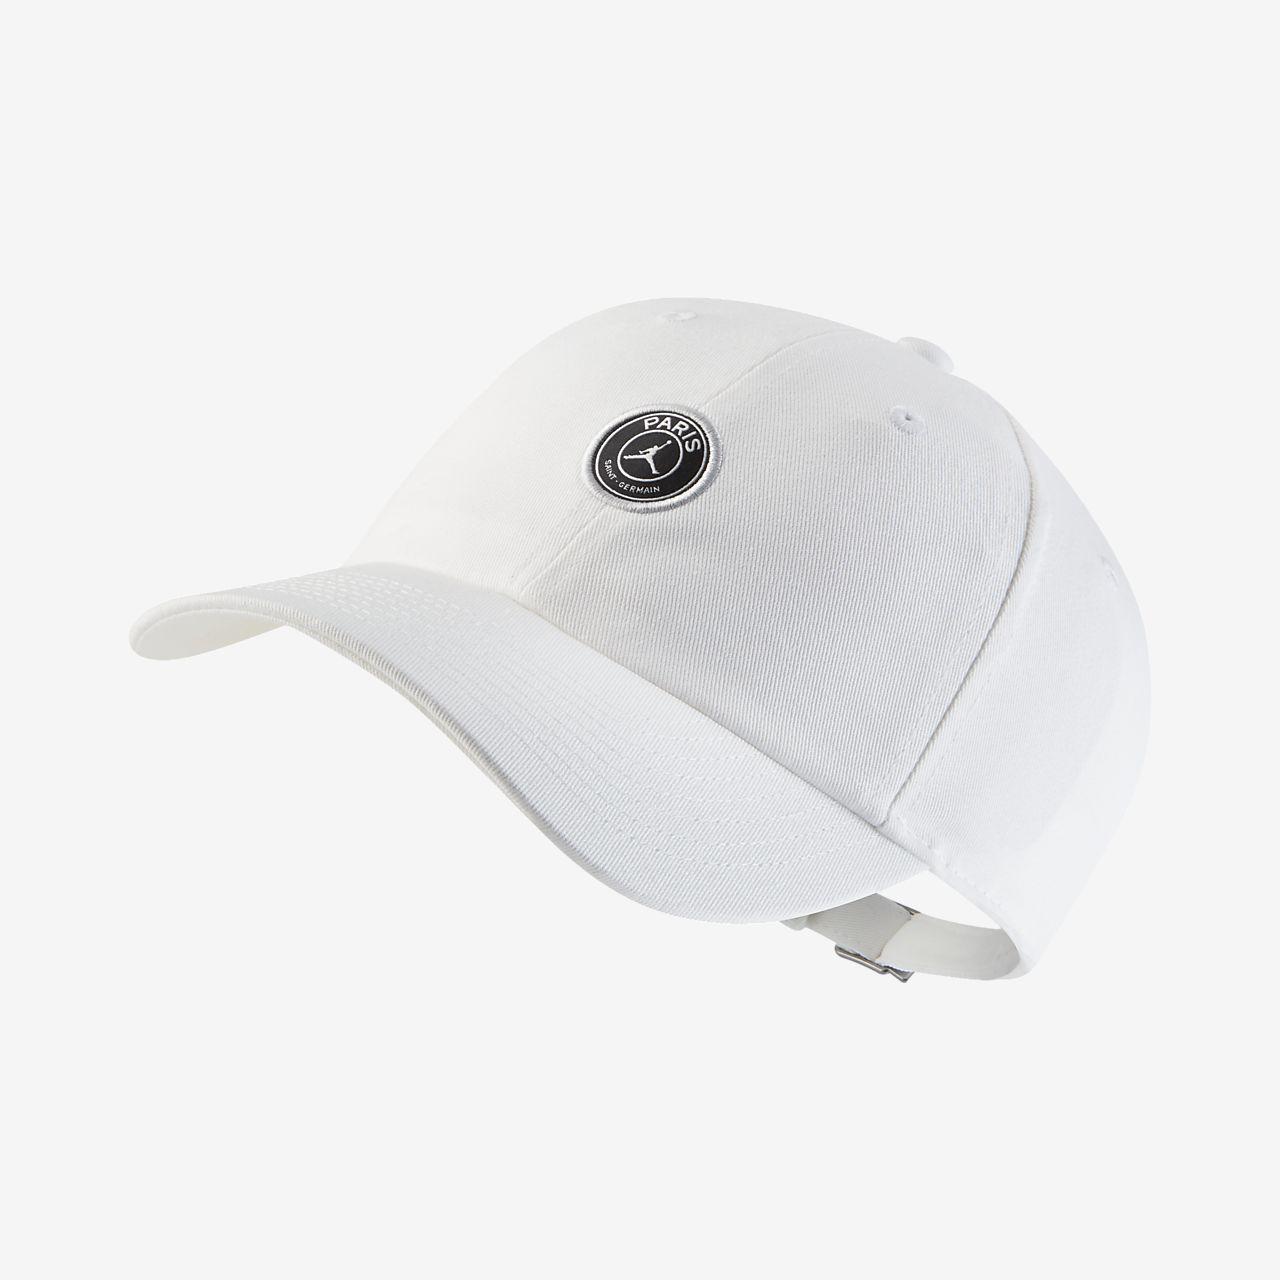 Cappello regolabile Paris Saint-Germain - Ragazzi